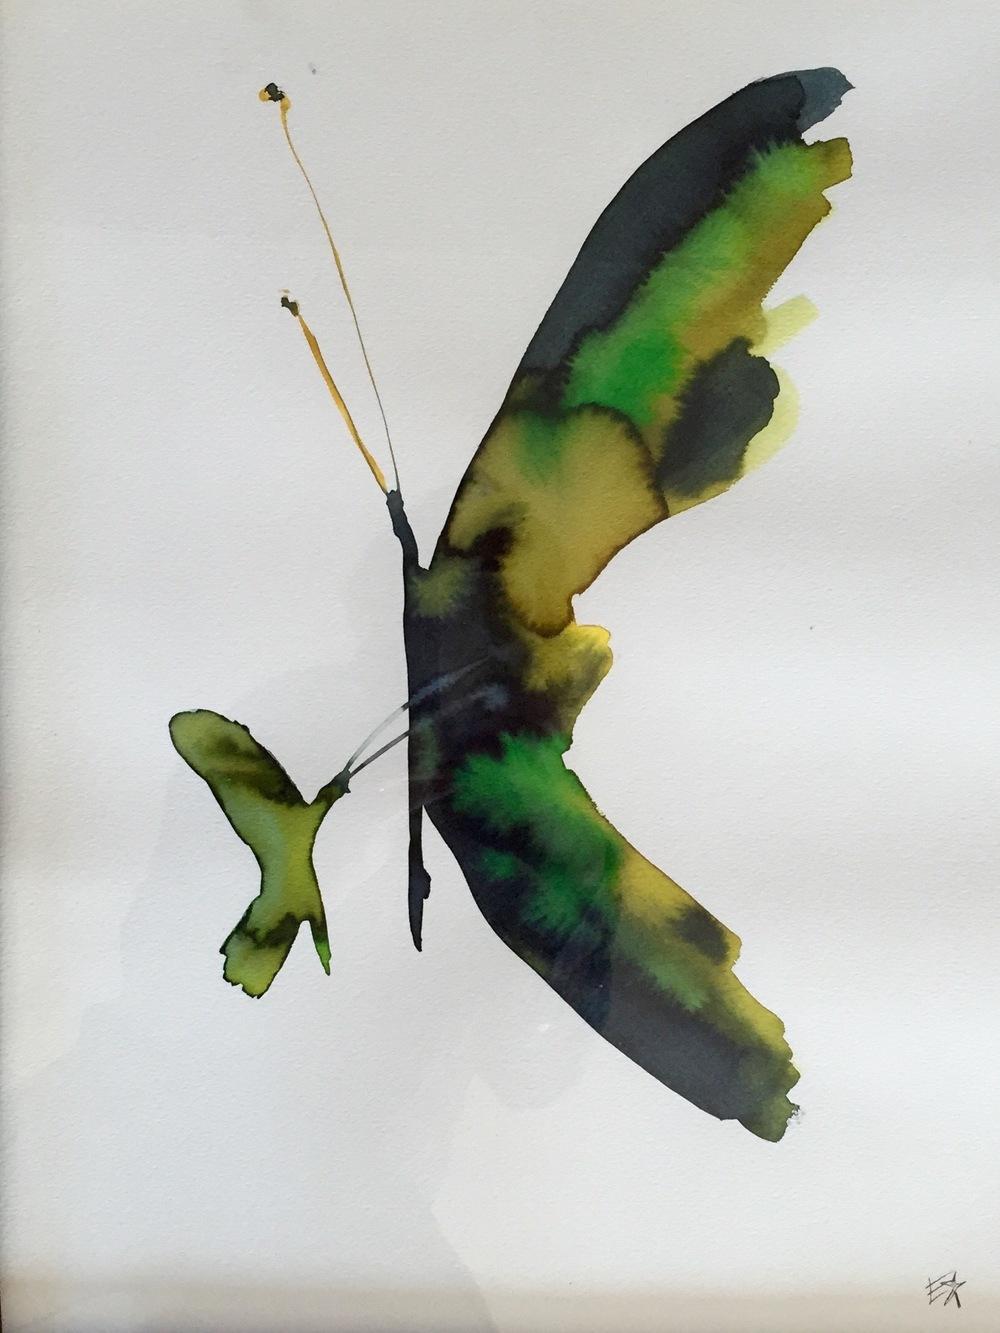 Le Papillon Scintillent, 2015